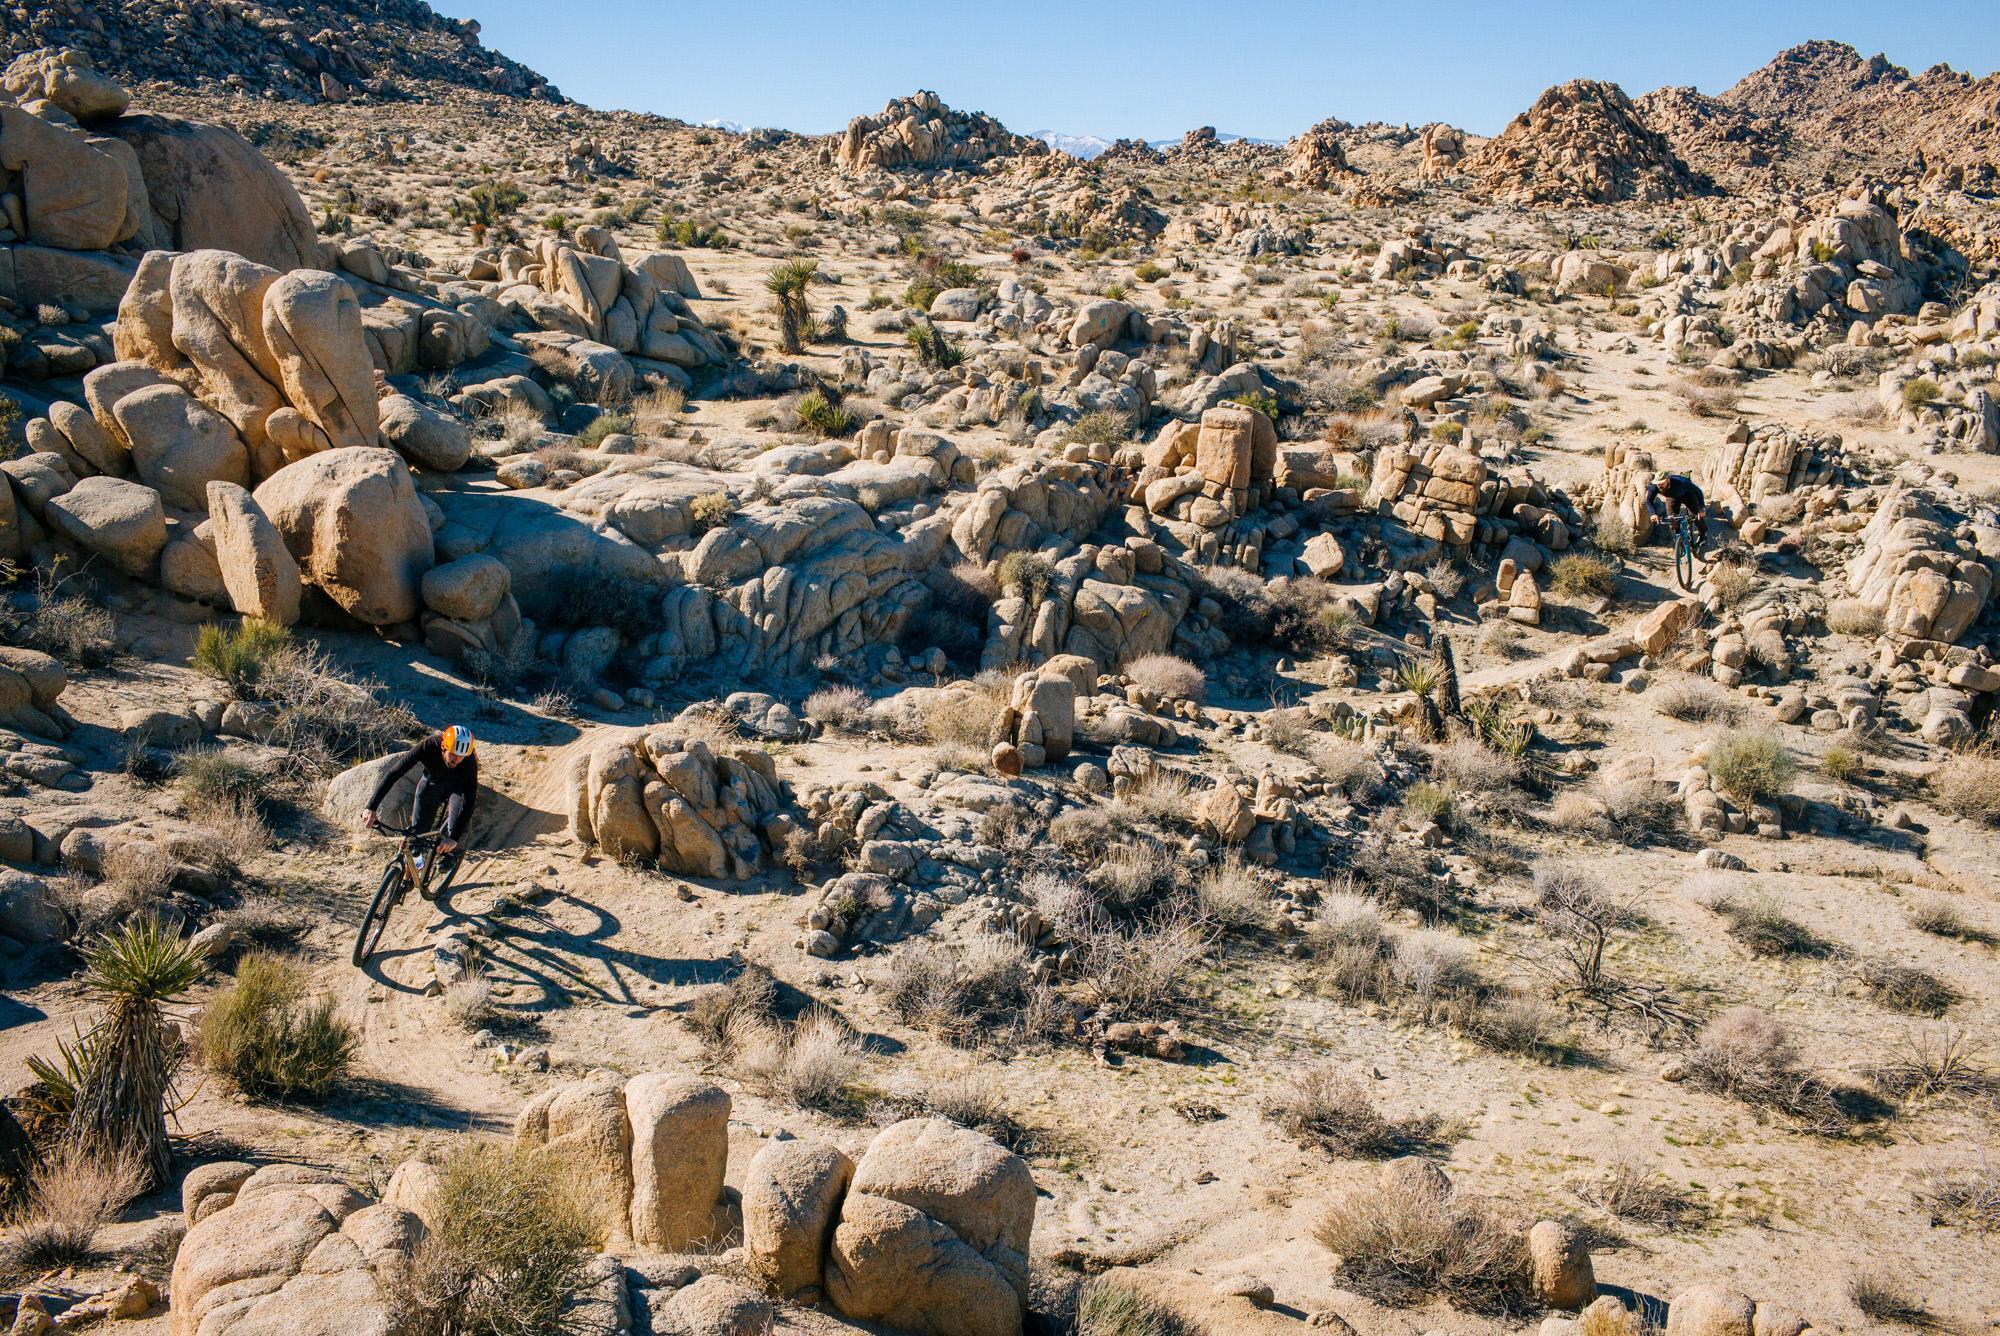 Spot the desert shredderz